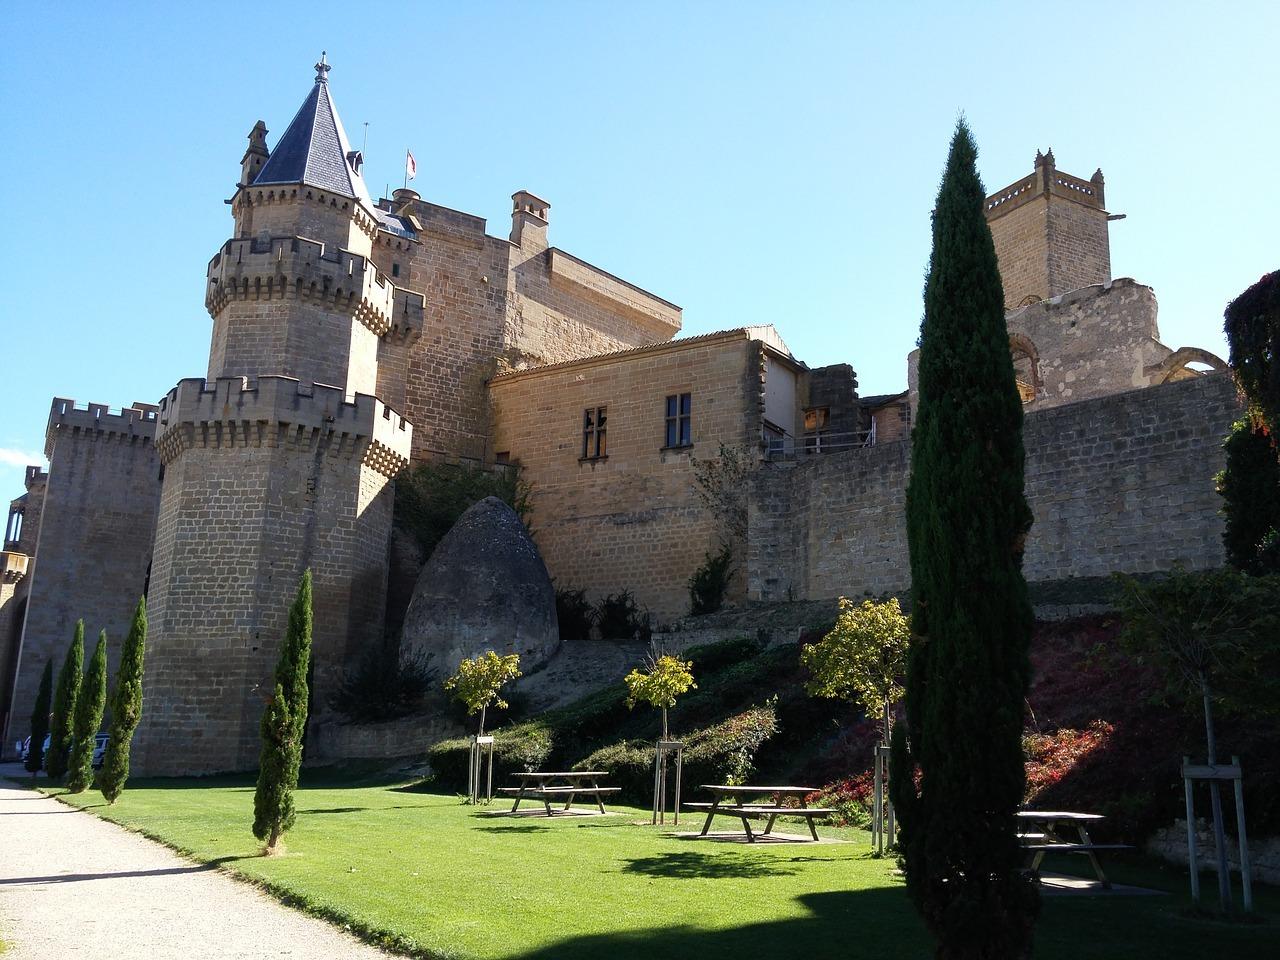 Vista exterior del Palacio Castillo de Olite, uno de los principales atractivos turísticos de Navarra esta Semana Santa.